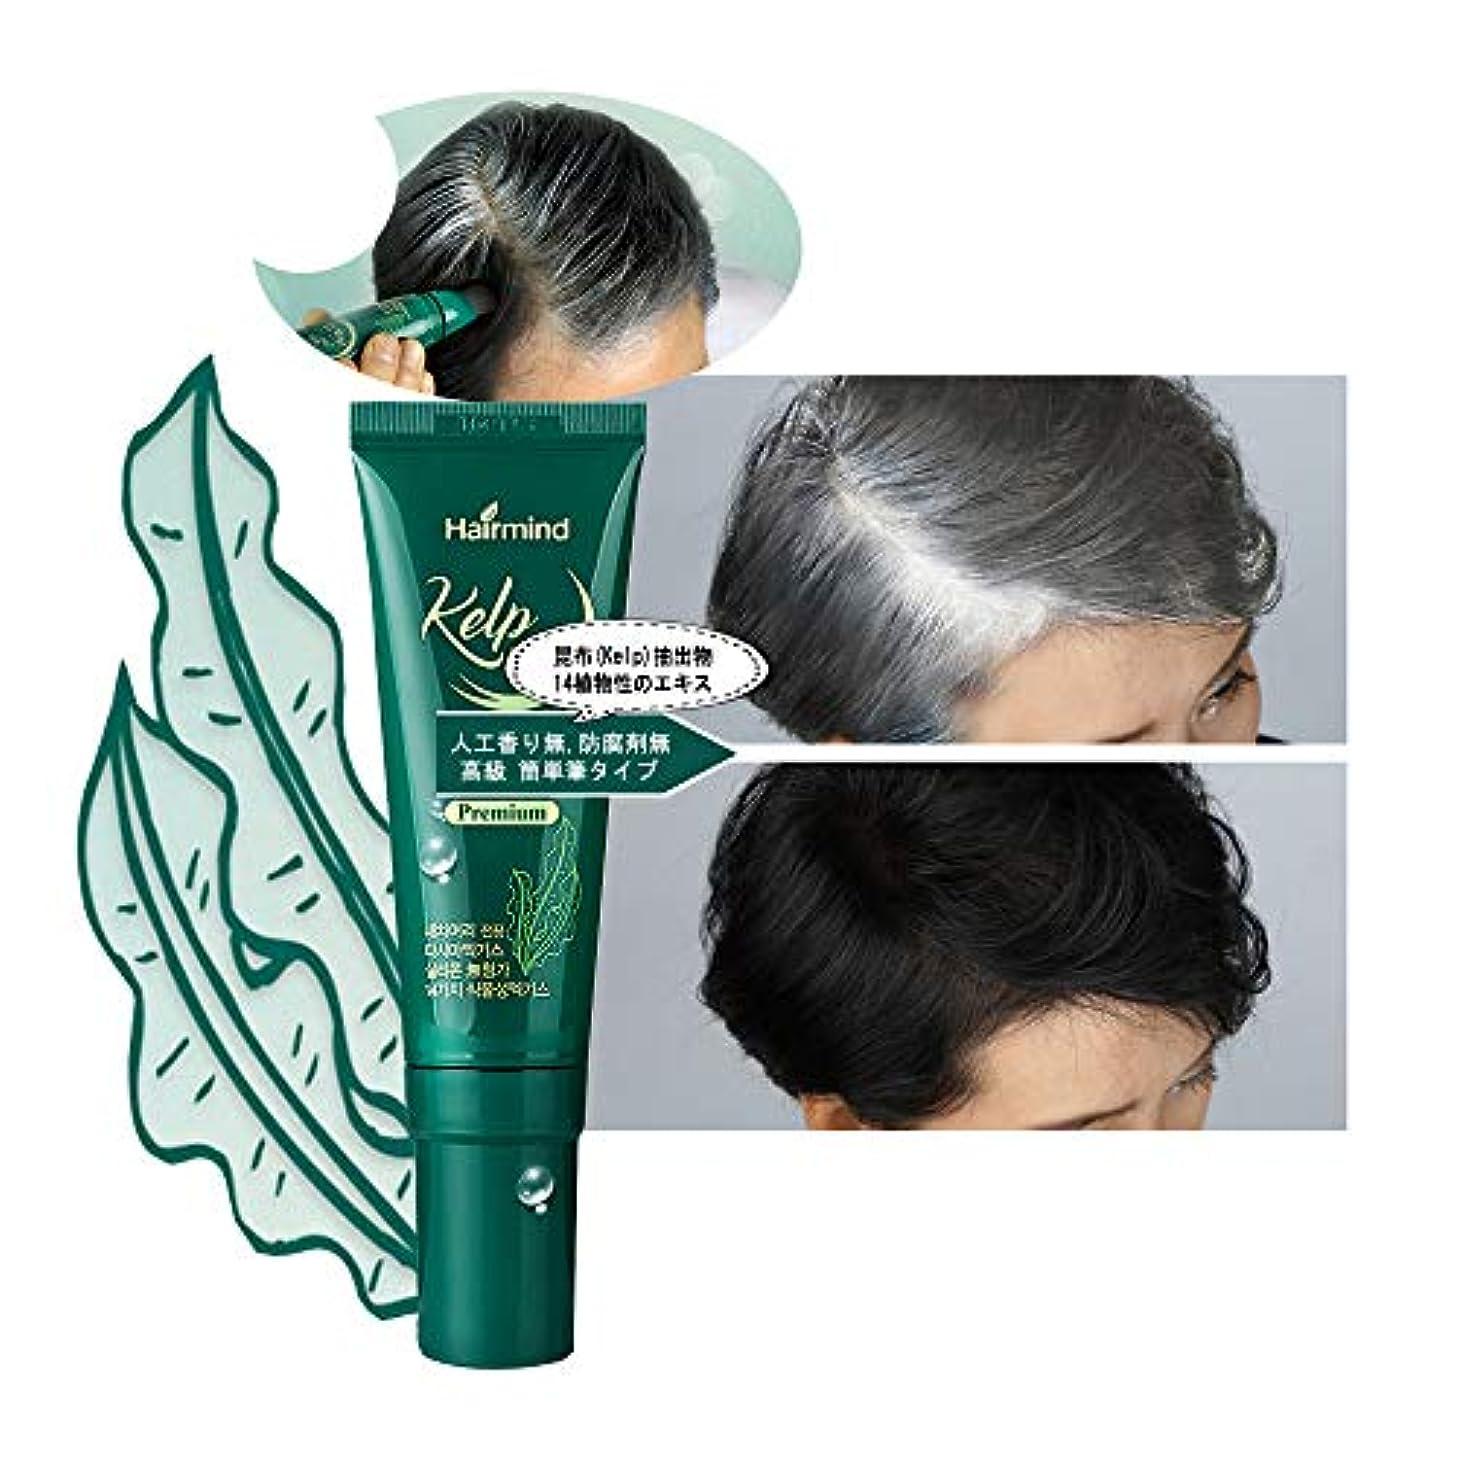 楽しむいたずらピンポイント高級 部分毛染 グレーヘアカバー 頭皮健康昆布抽出物 毛染め 40ml 筆タイプ 並行輸入 (Dark Brown)